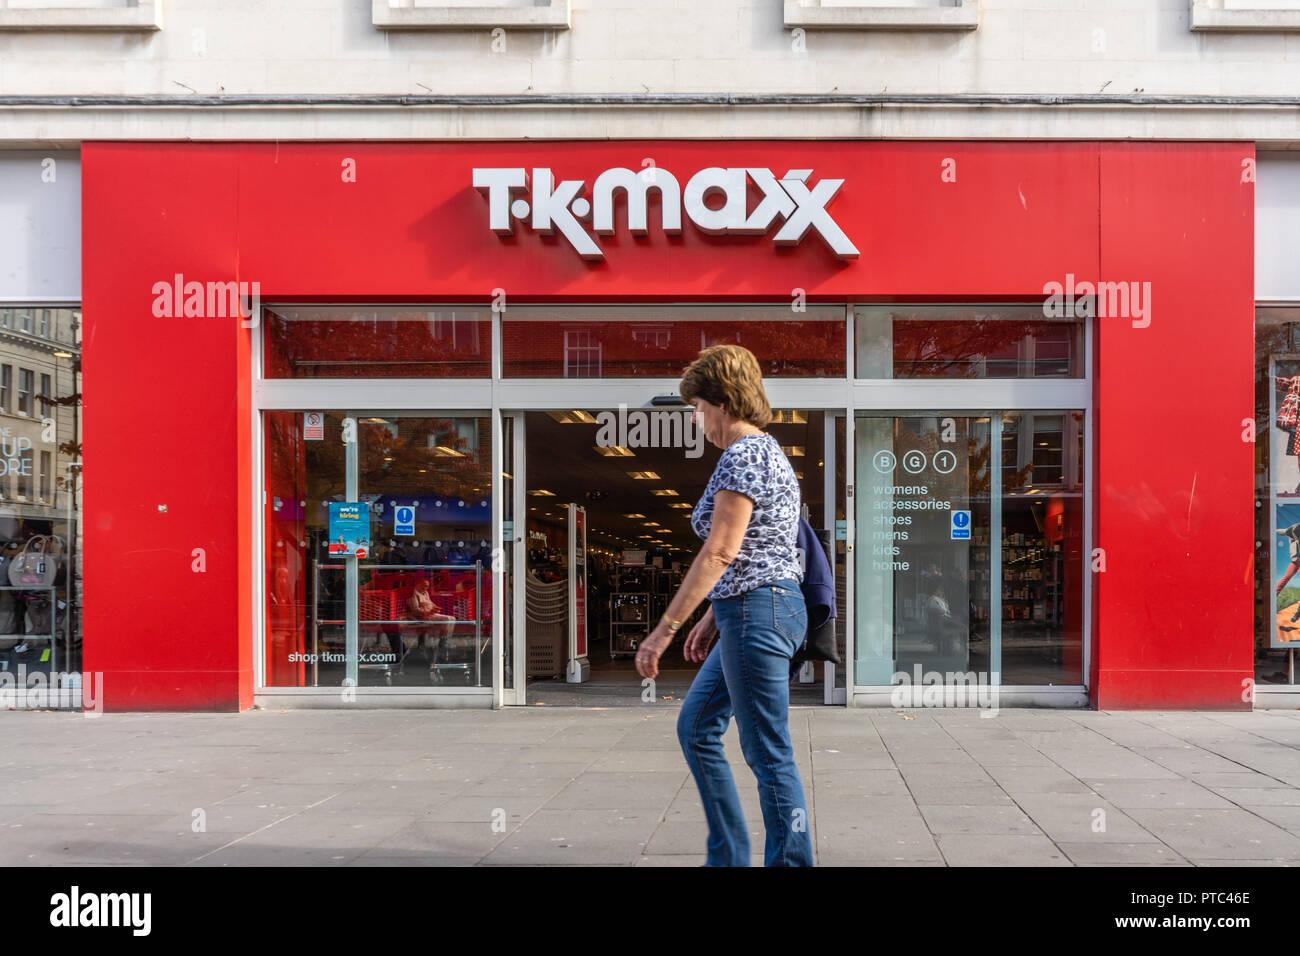 Una donna camminare davanti a un TK MAXX negozio di fronte in Inghilterra  meridionale 1c5ba4a1230